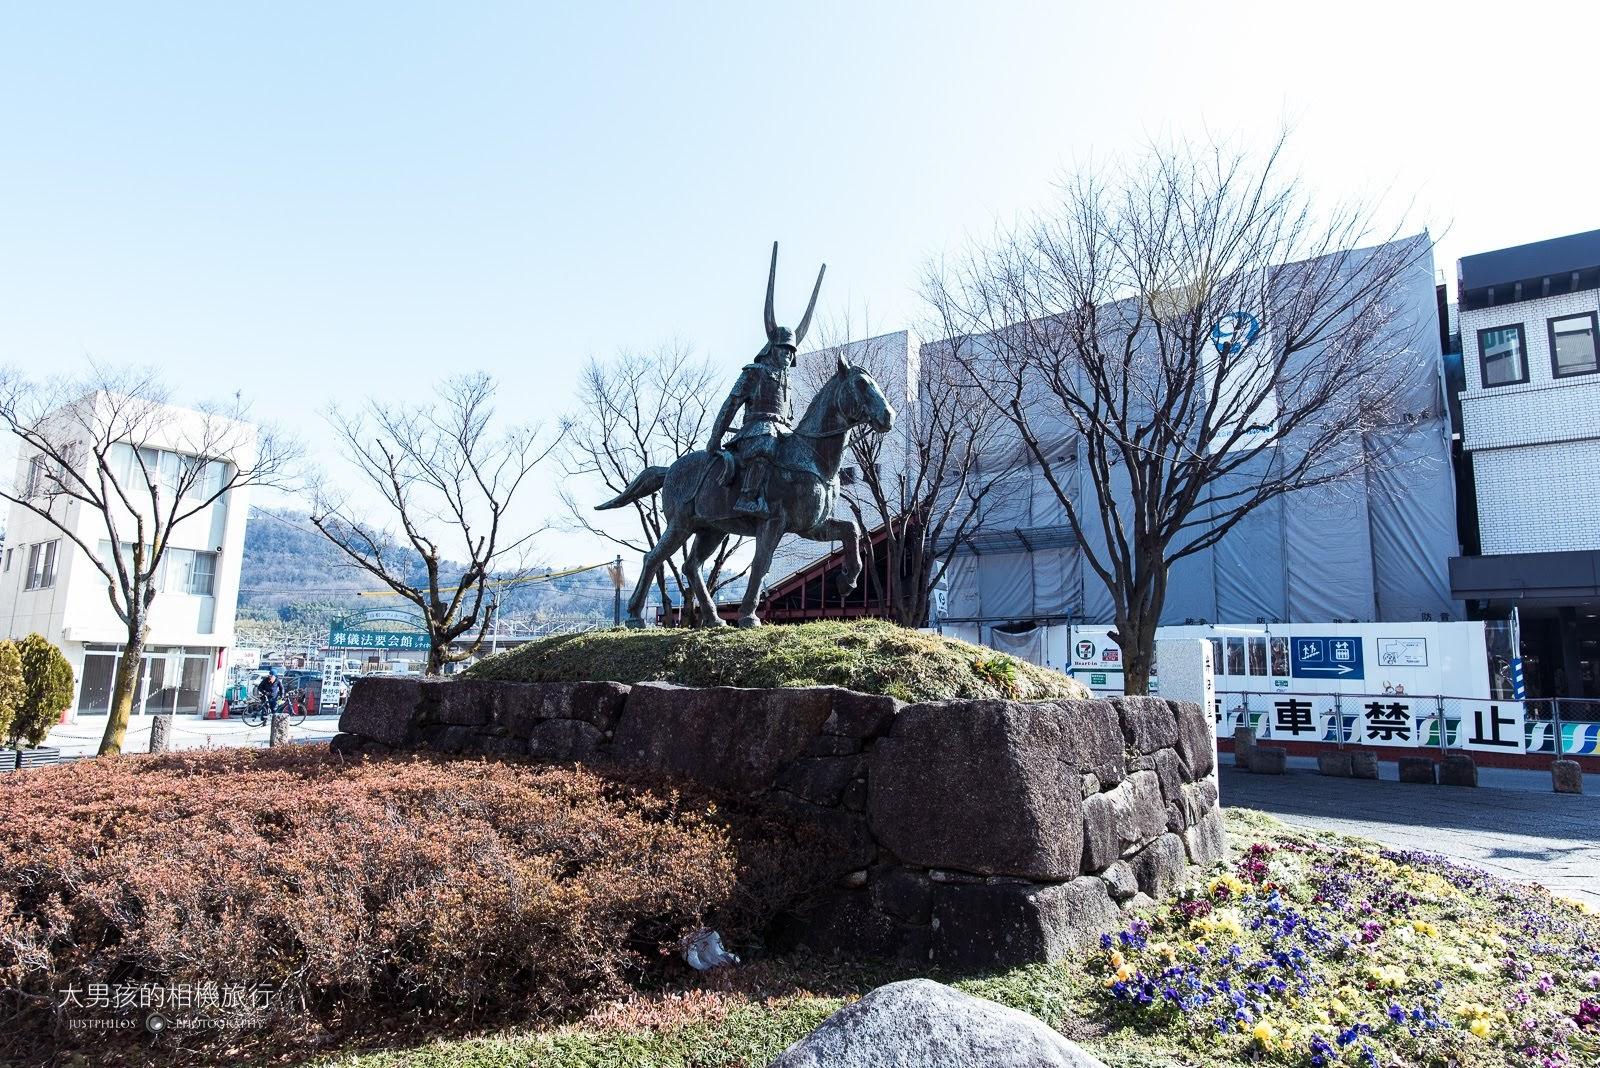 彥根車站前有著著手興建彥根城的井伊直政像。